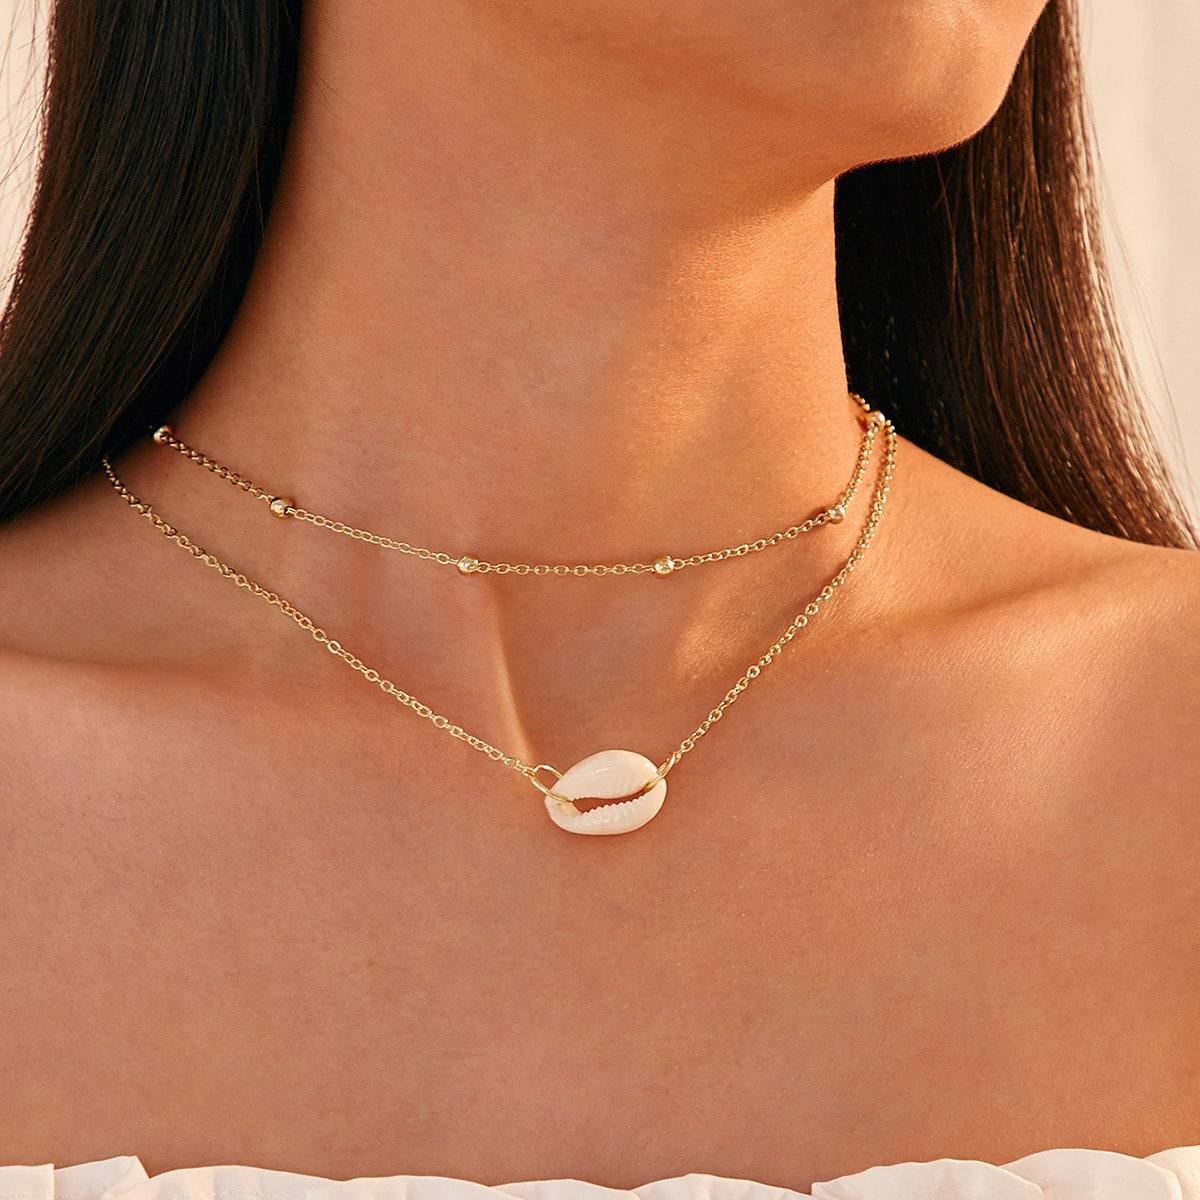 SHEIN / Mehrschichtige Halskette mit Muschel Anhänger 1 Stück